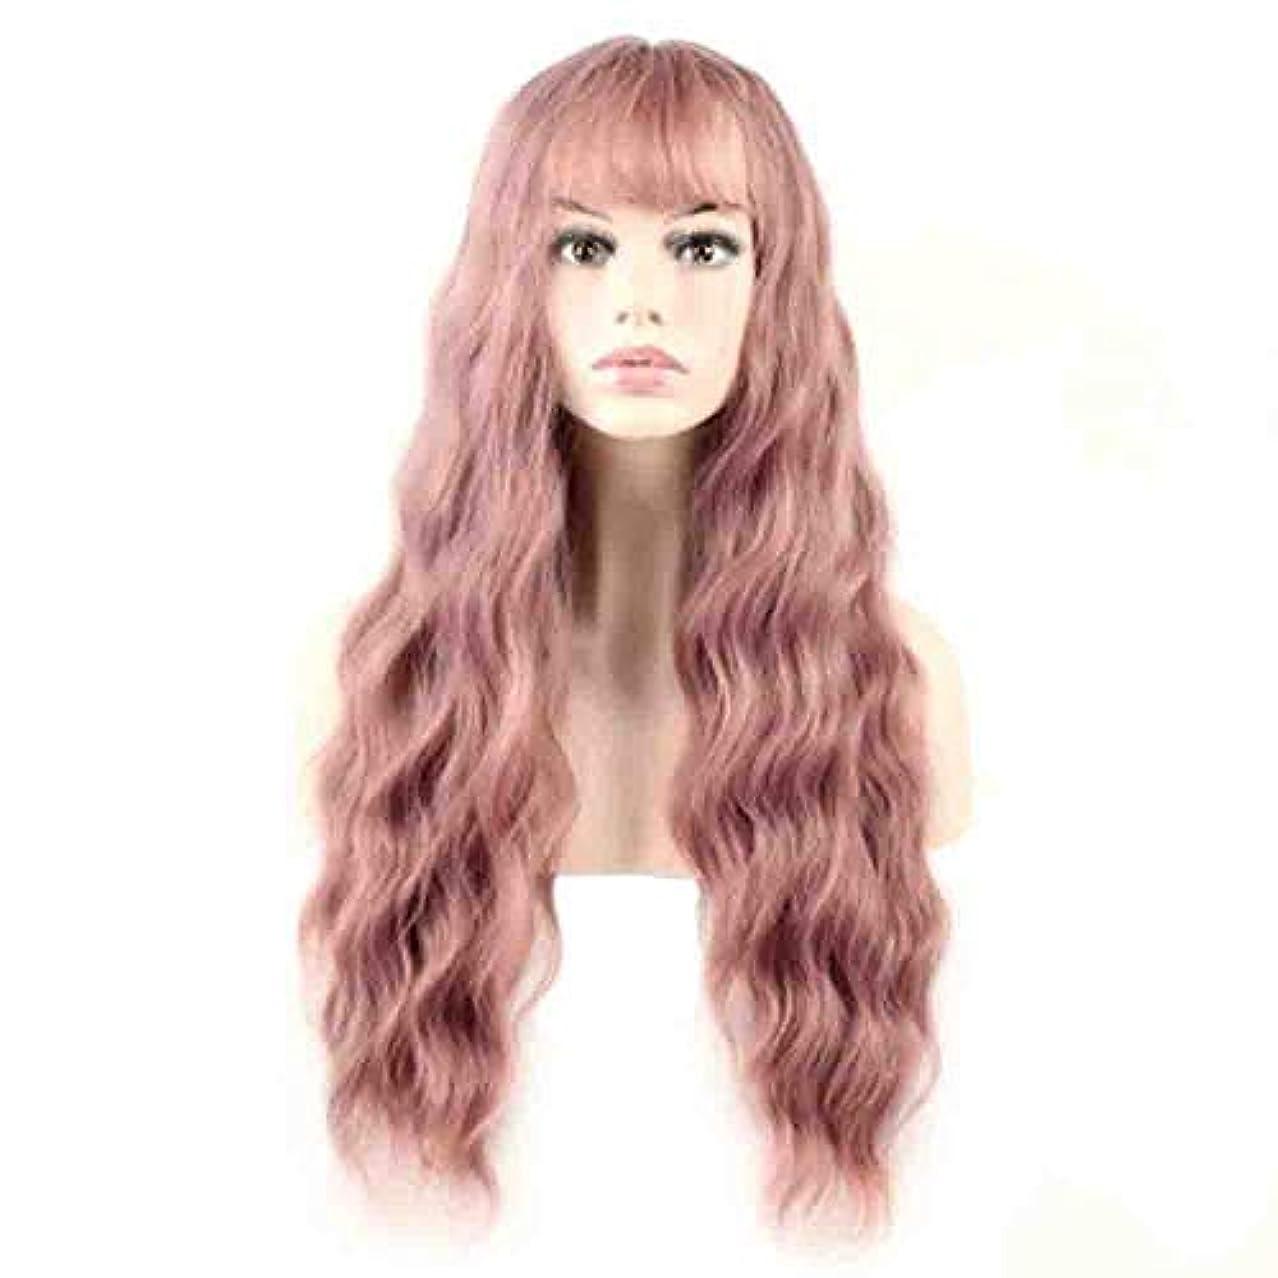 流行している話すヘロイン女性のための色のかつら、ポニーテールのロリータカーリーコスプレウィッグ、高密度温度合成ウィッグコスプレヘアウィッグ、耐熱繊維ヘアウィッグ